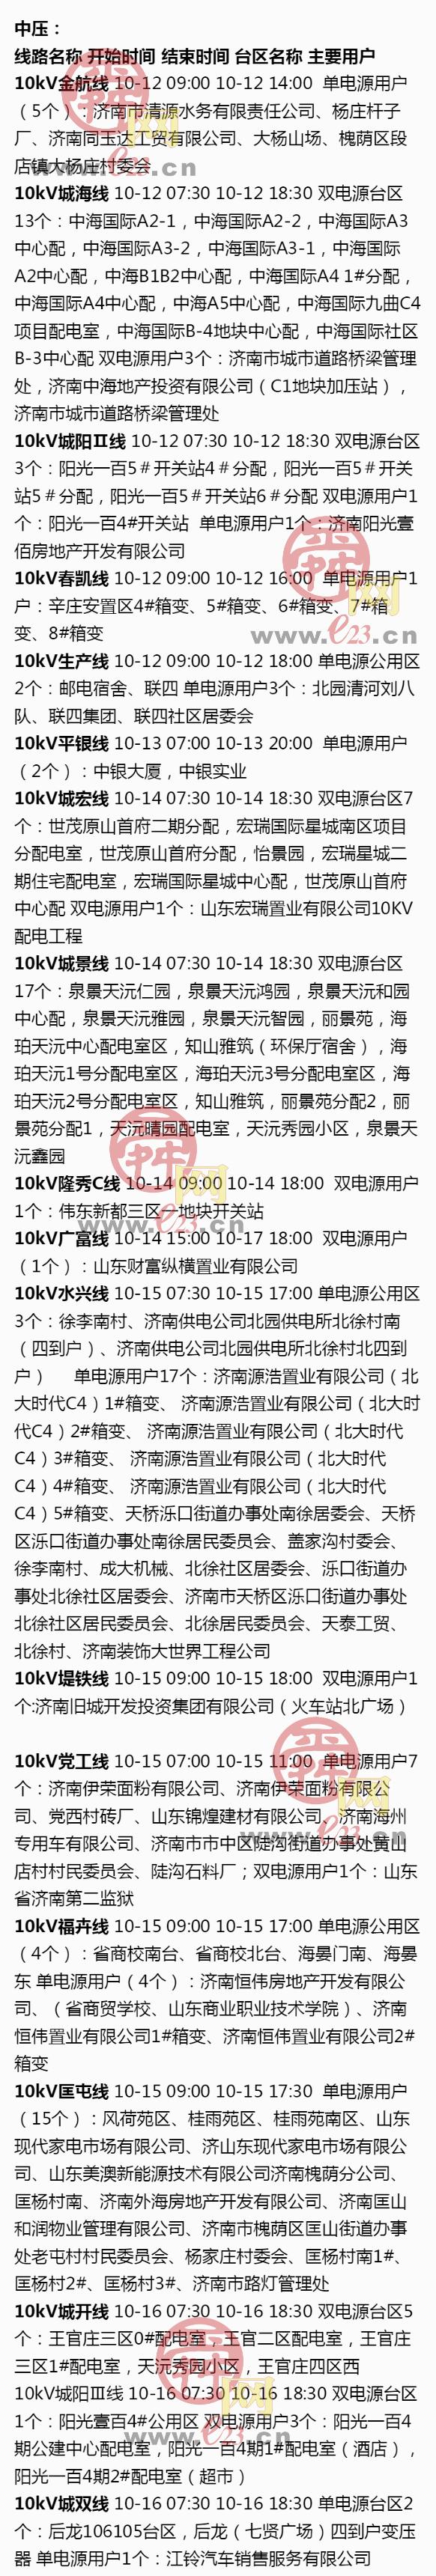 10月12日至10月18日济南部分区域电力设备检修通知